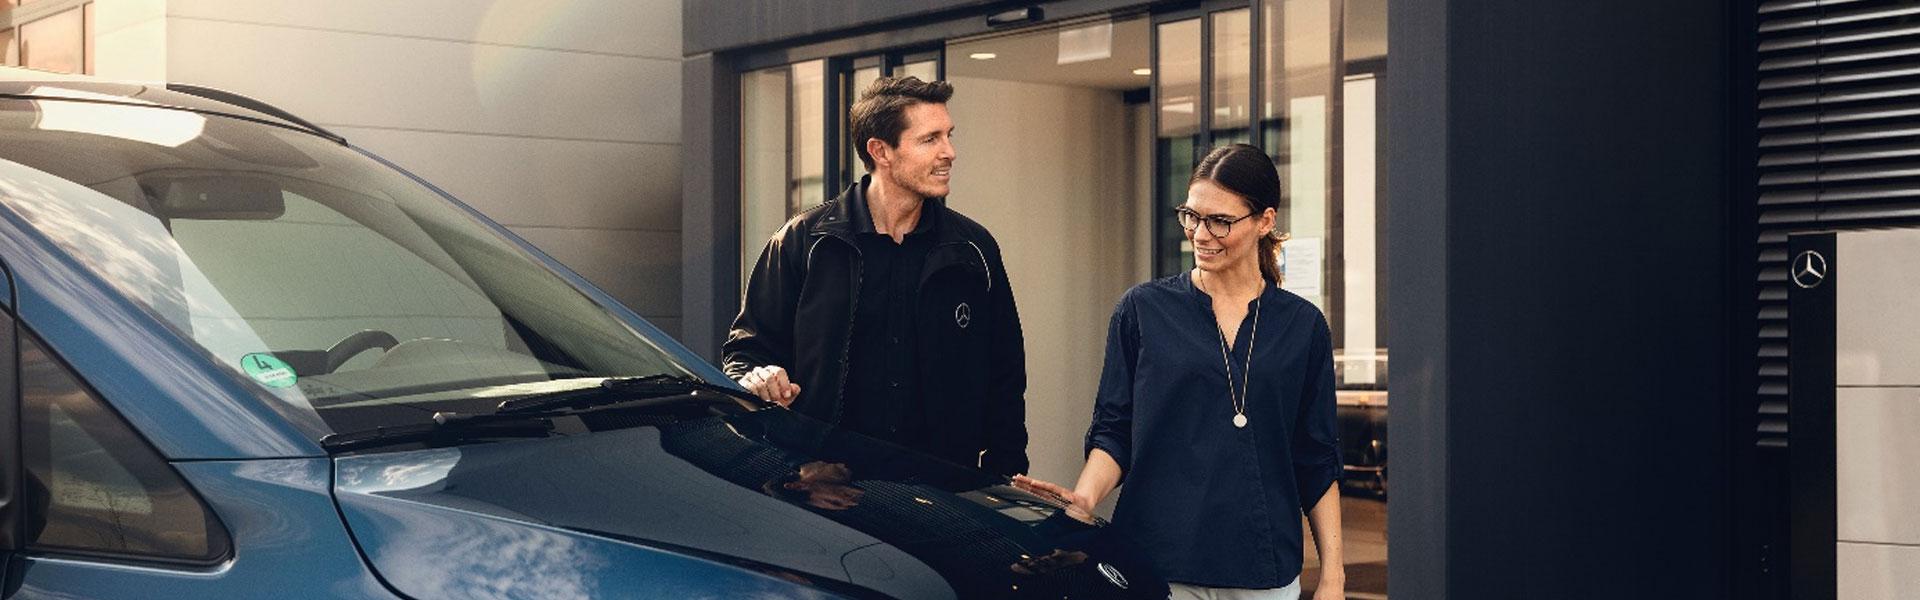 Mercedes-Benz-Brinkmann-Transporter-Wartungs-Paket-Transporter-Header